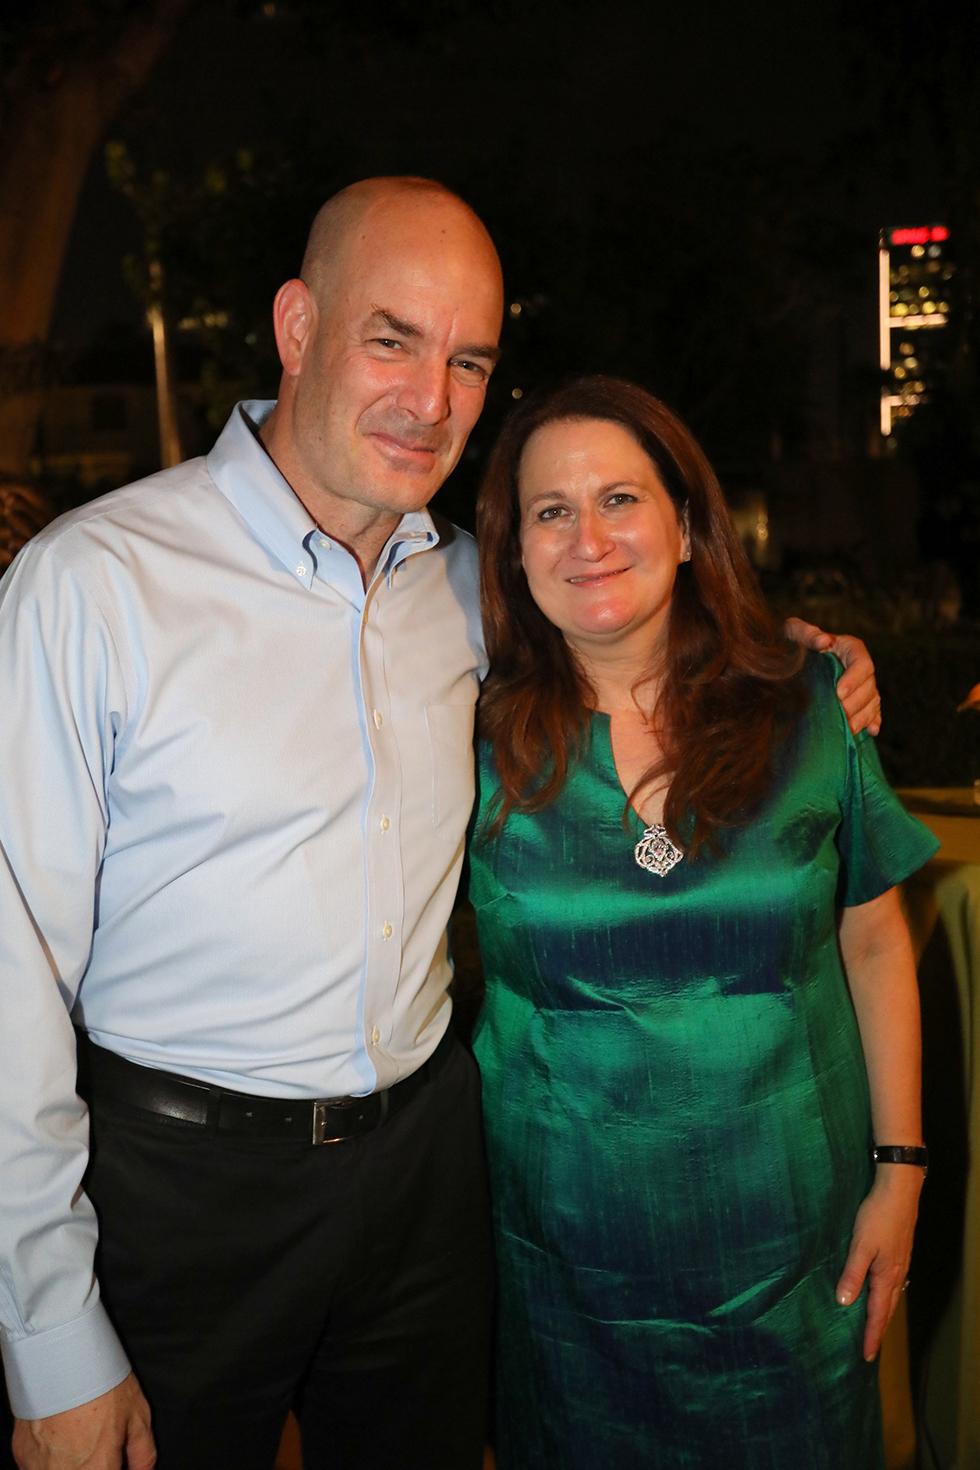 רכילות עסקית דנה עזריאלי ואייל חנקין (צילום: סיון פרג')